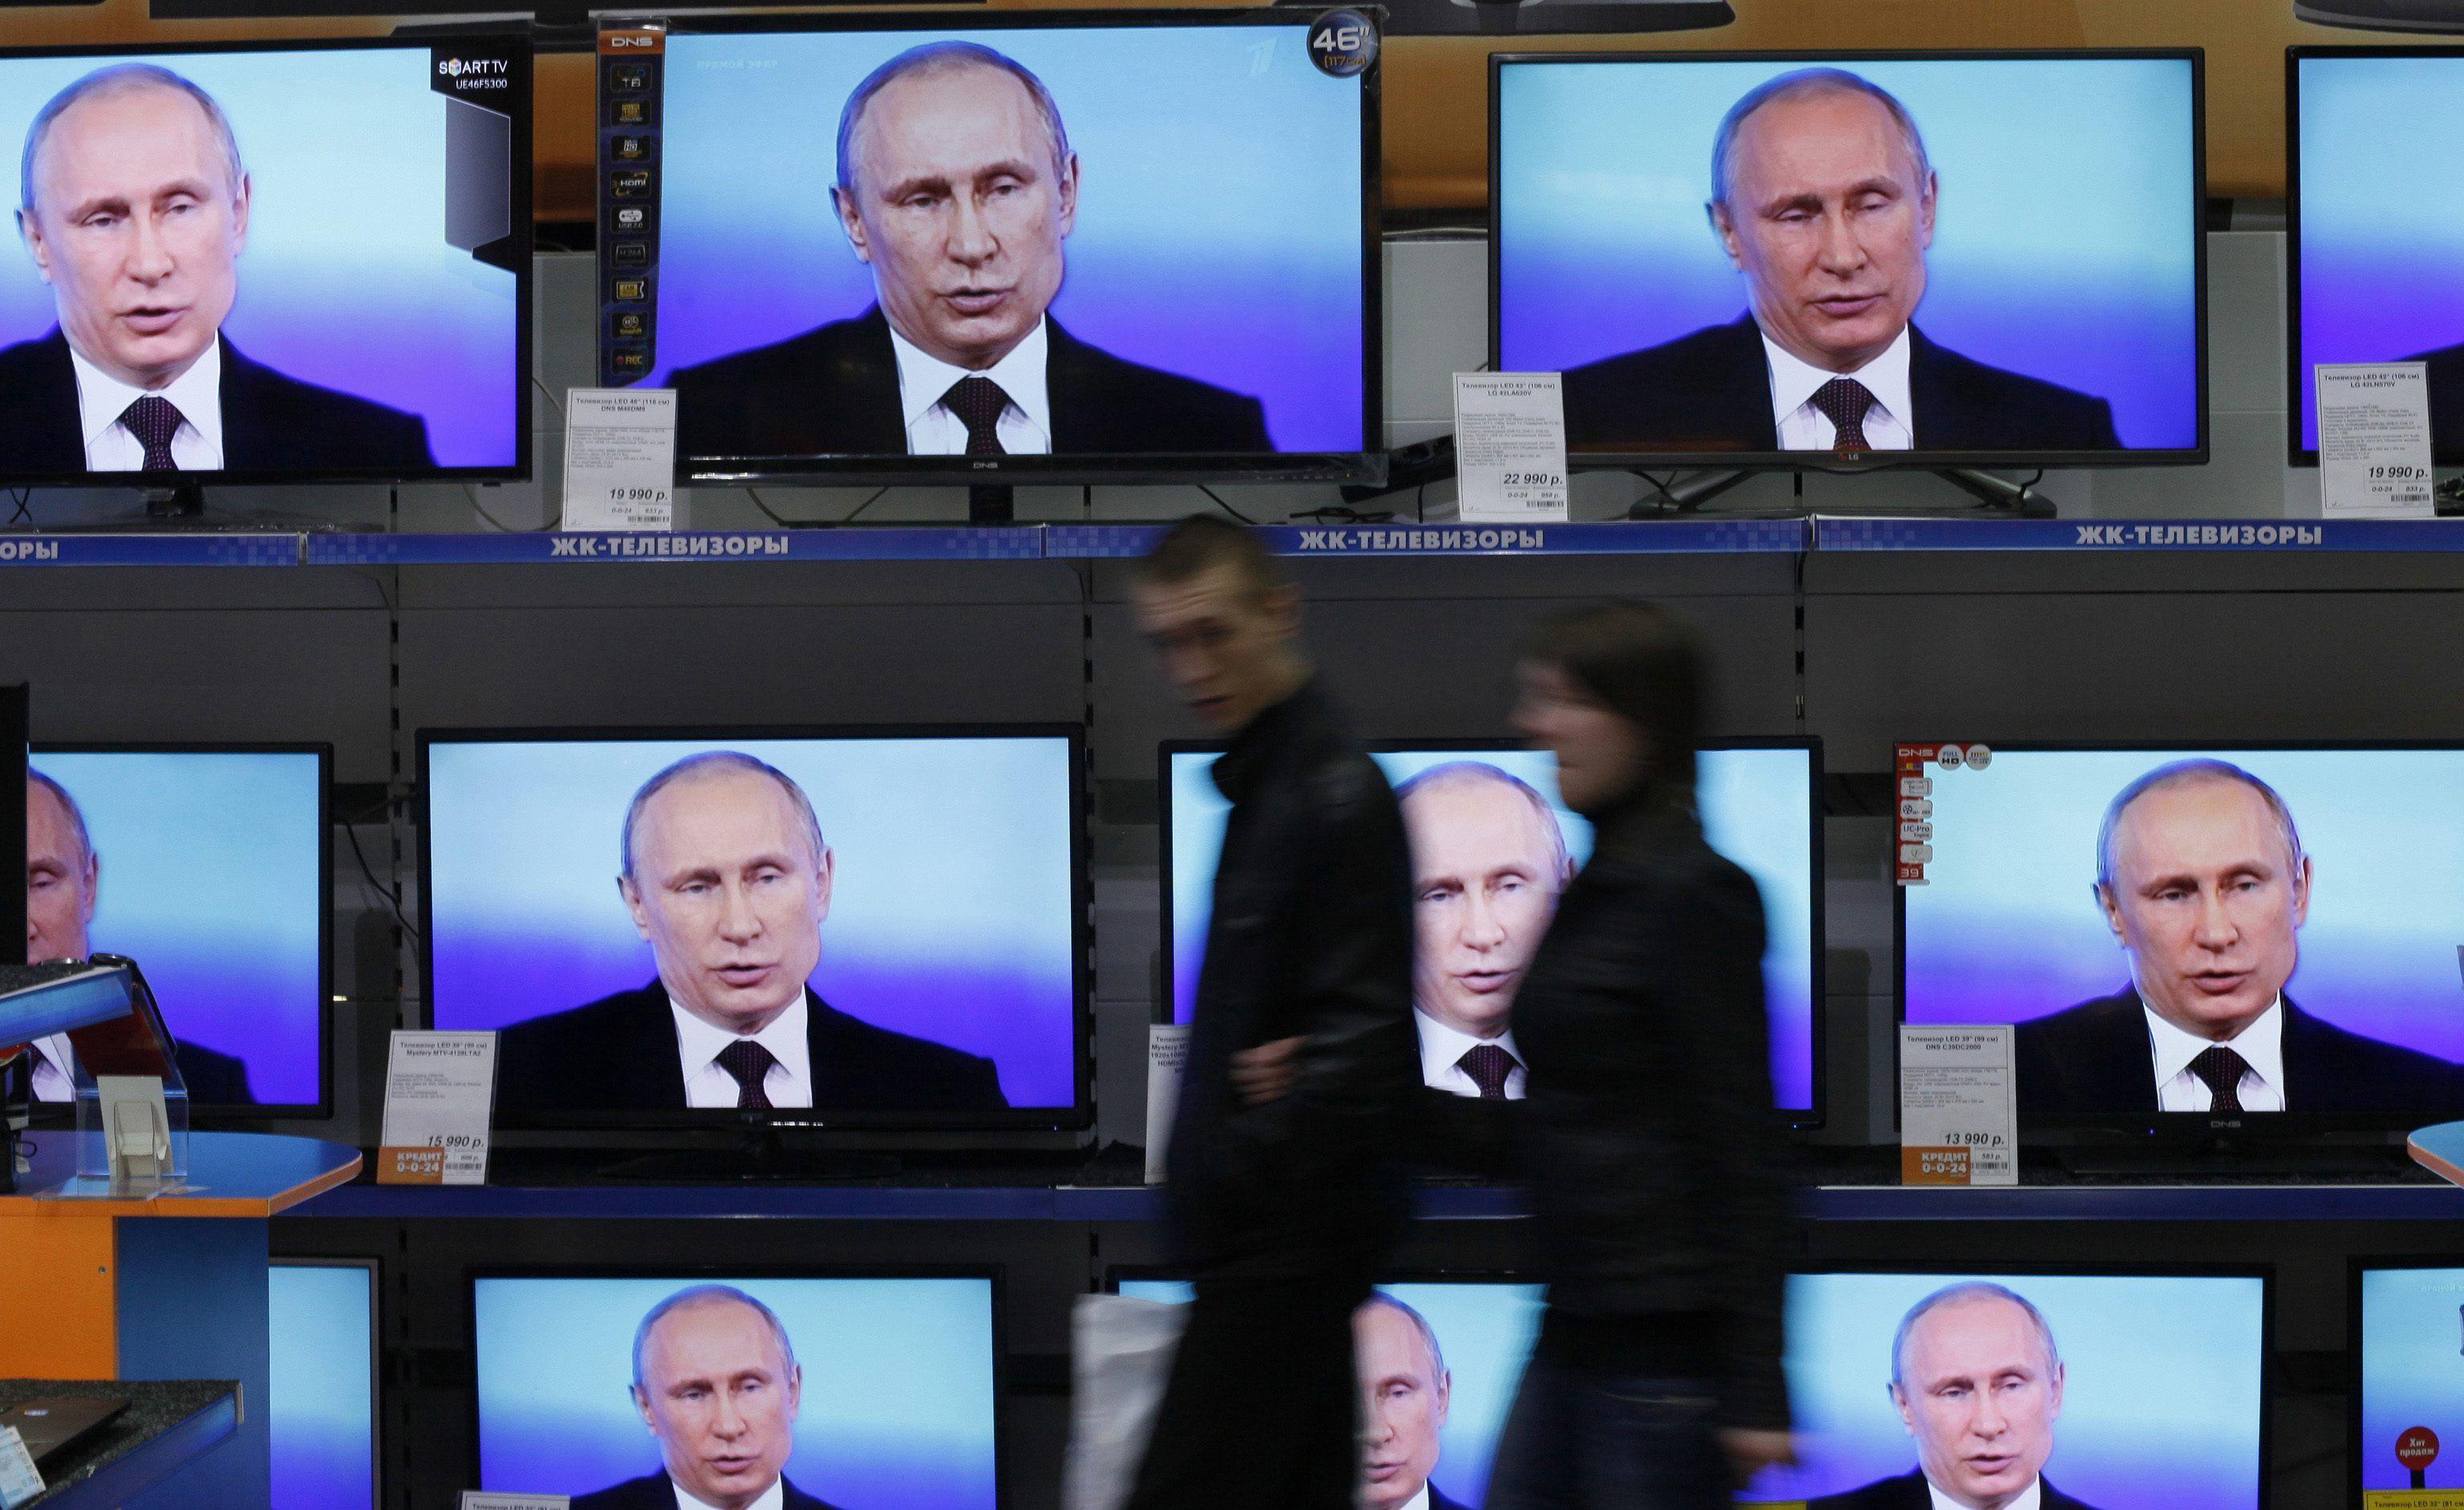 Блогер объяснил, на кого рассчитана пропаганда росТВ